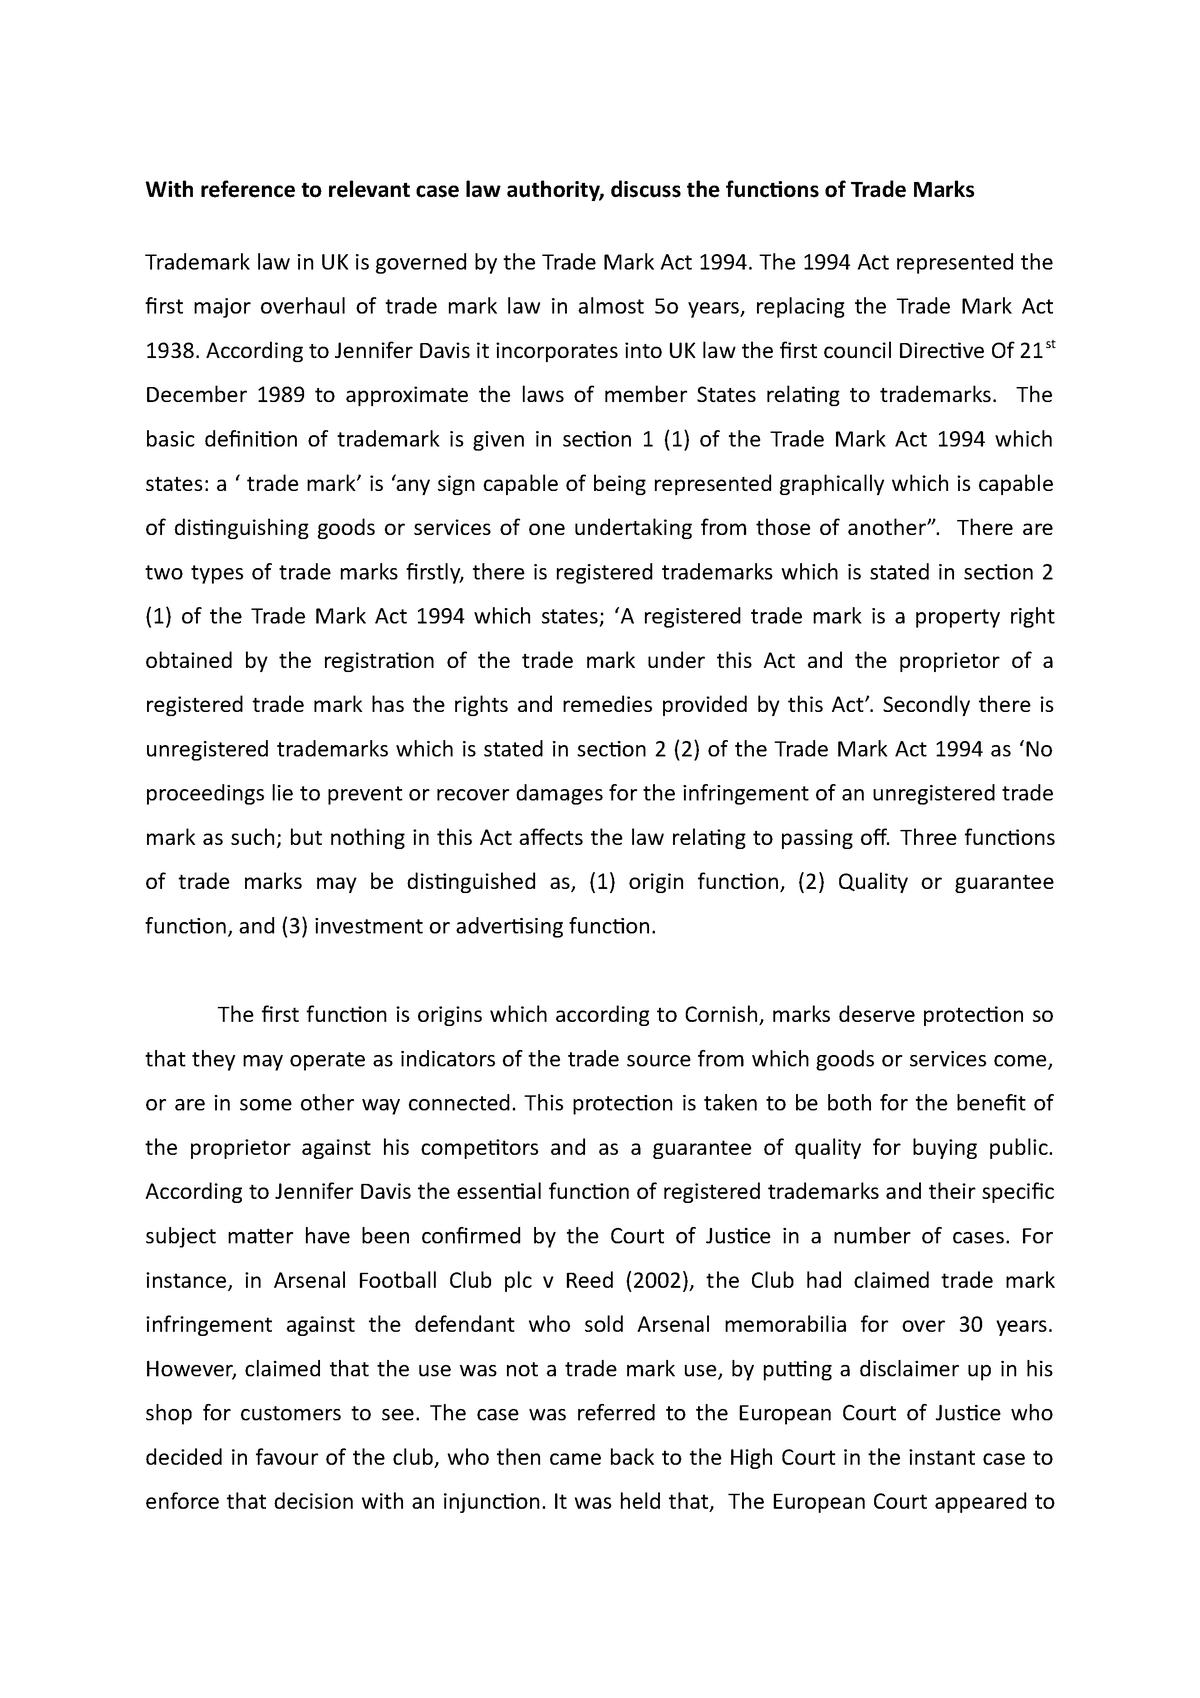 Pcat essay samples